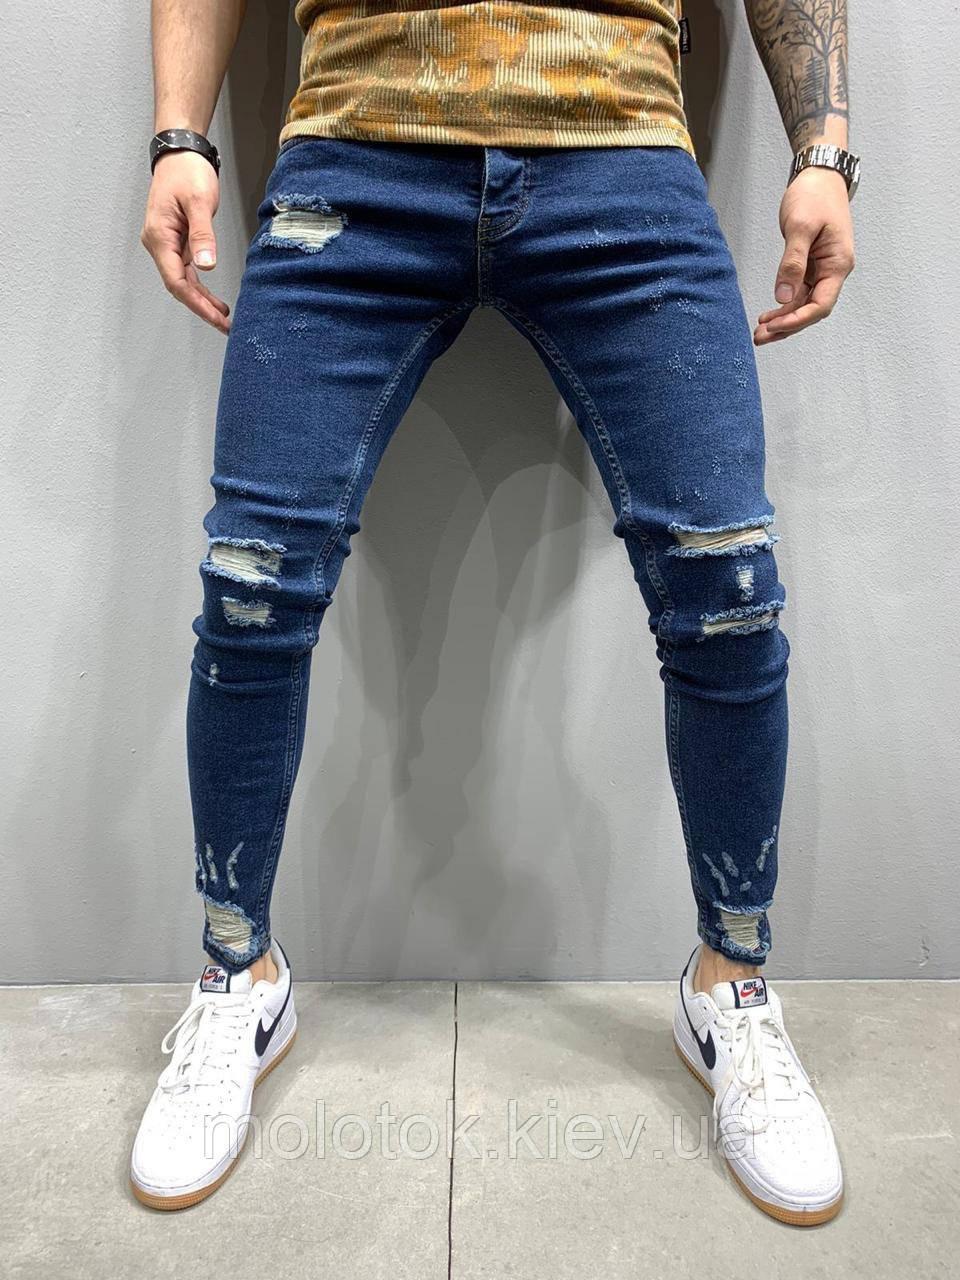 Мужские джинсы slim рваные демисезонные синие Люкс